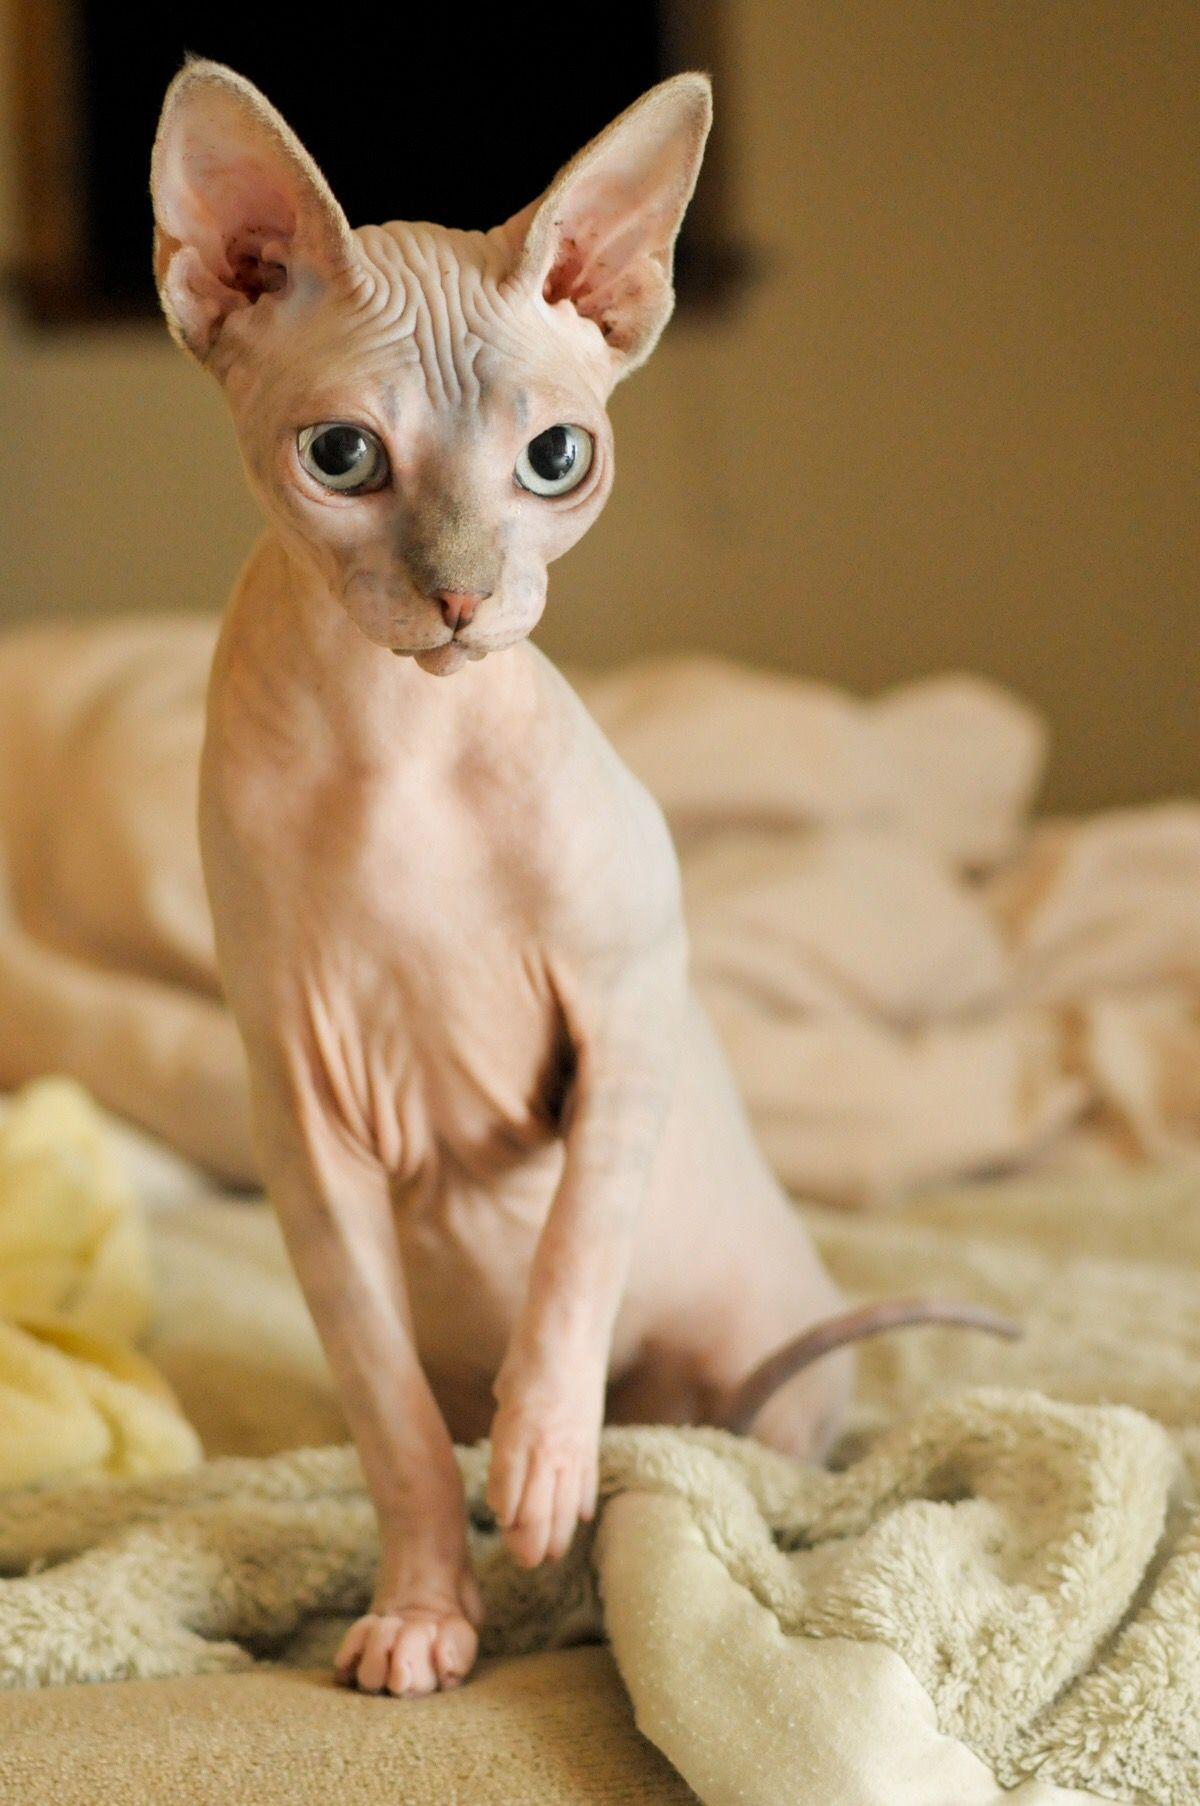 Munchkin Sphynx Cat : munchkin, sphynx, MischiefManaged69, Miaauw, Popular, Breeds,, Cats,, Breeds